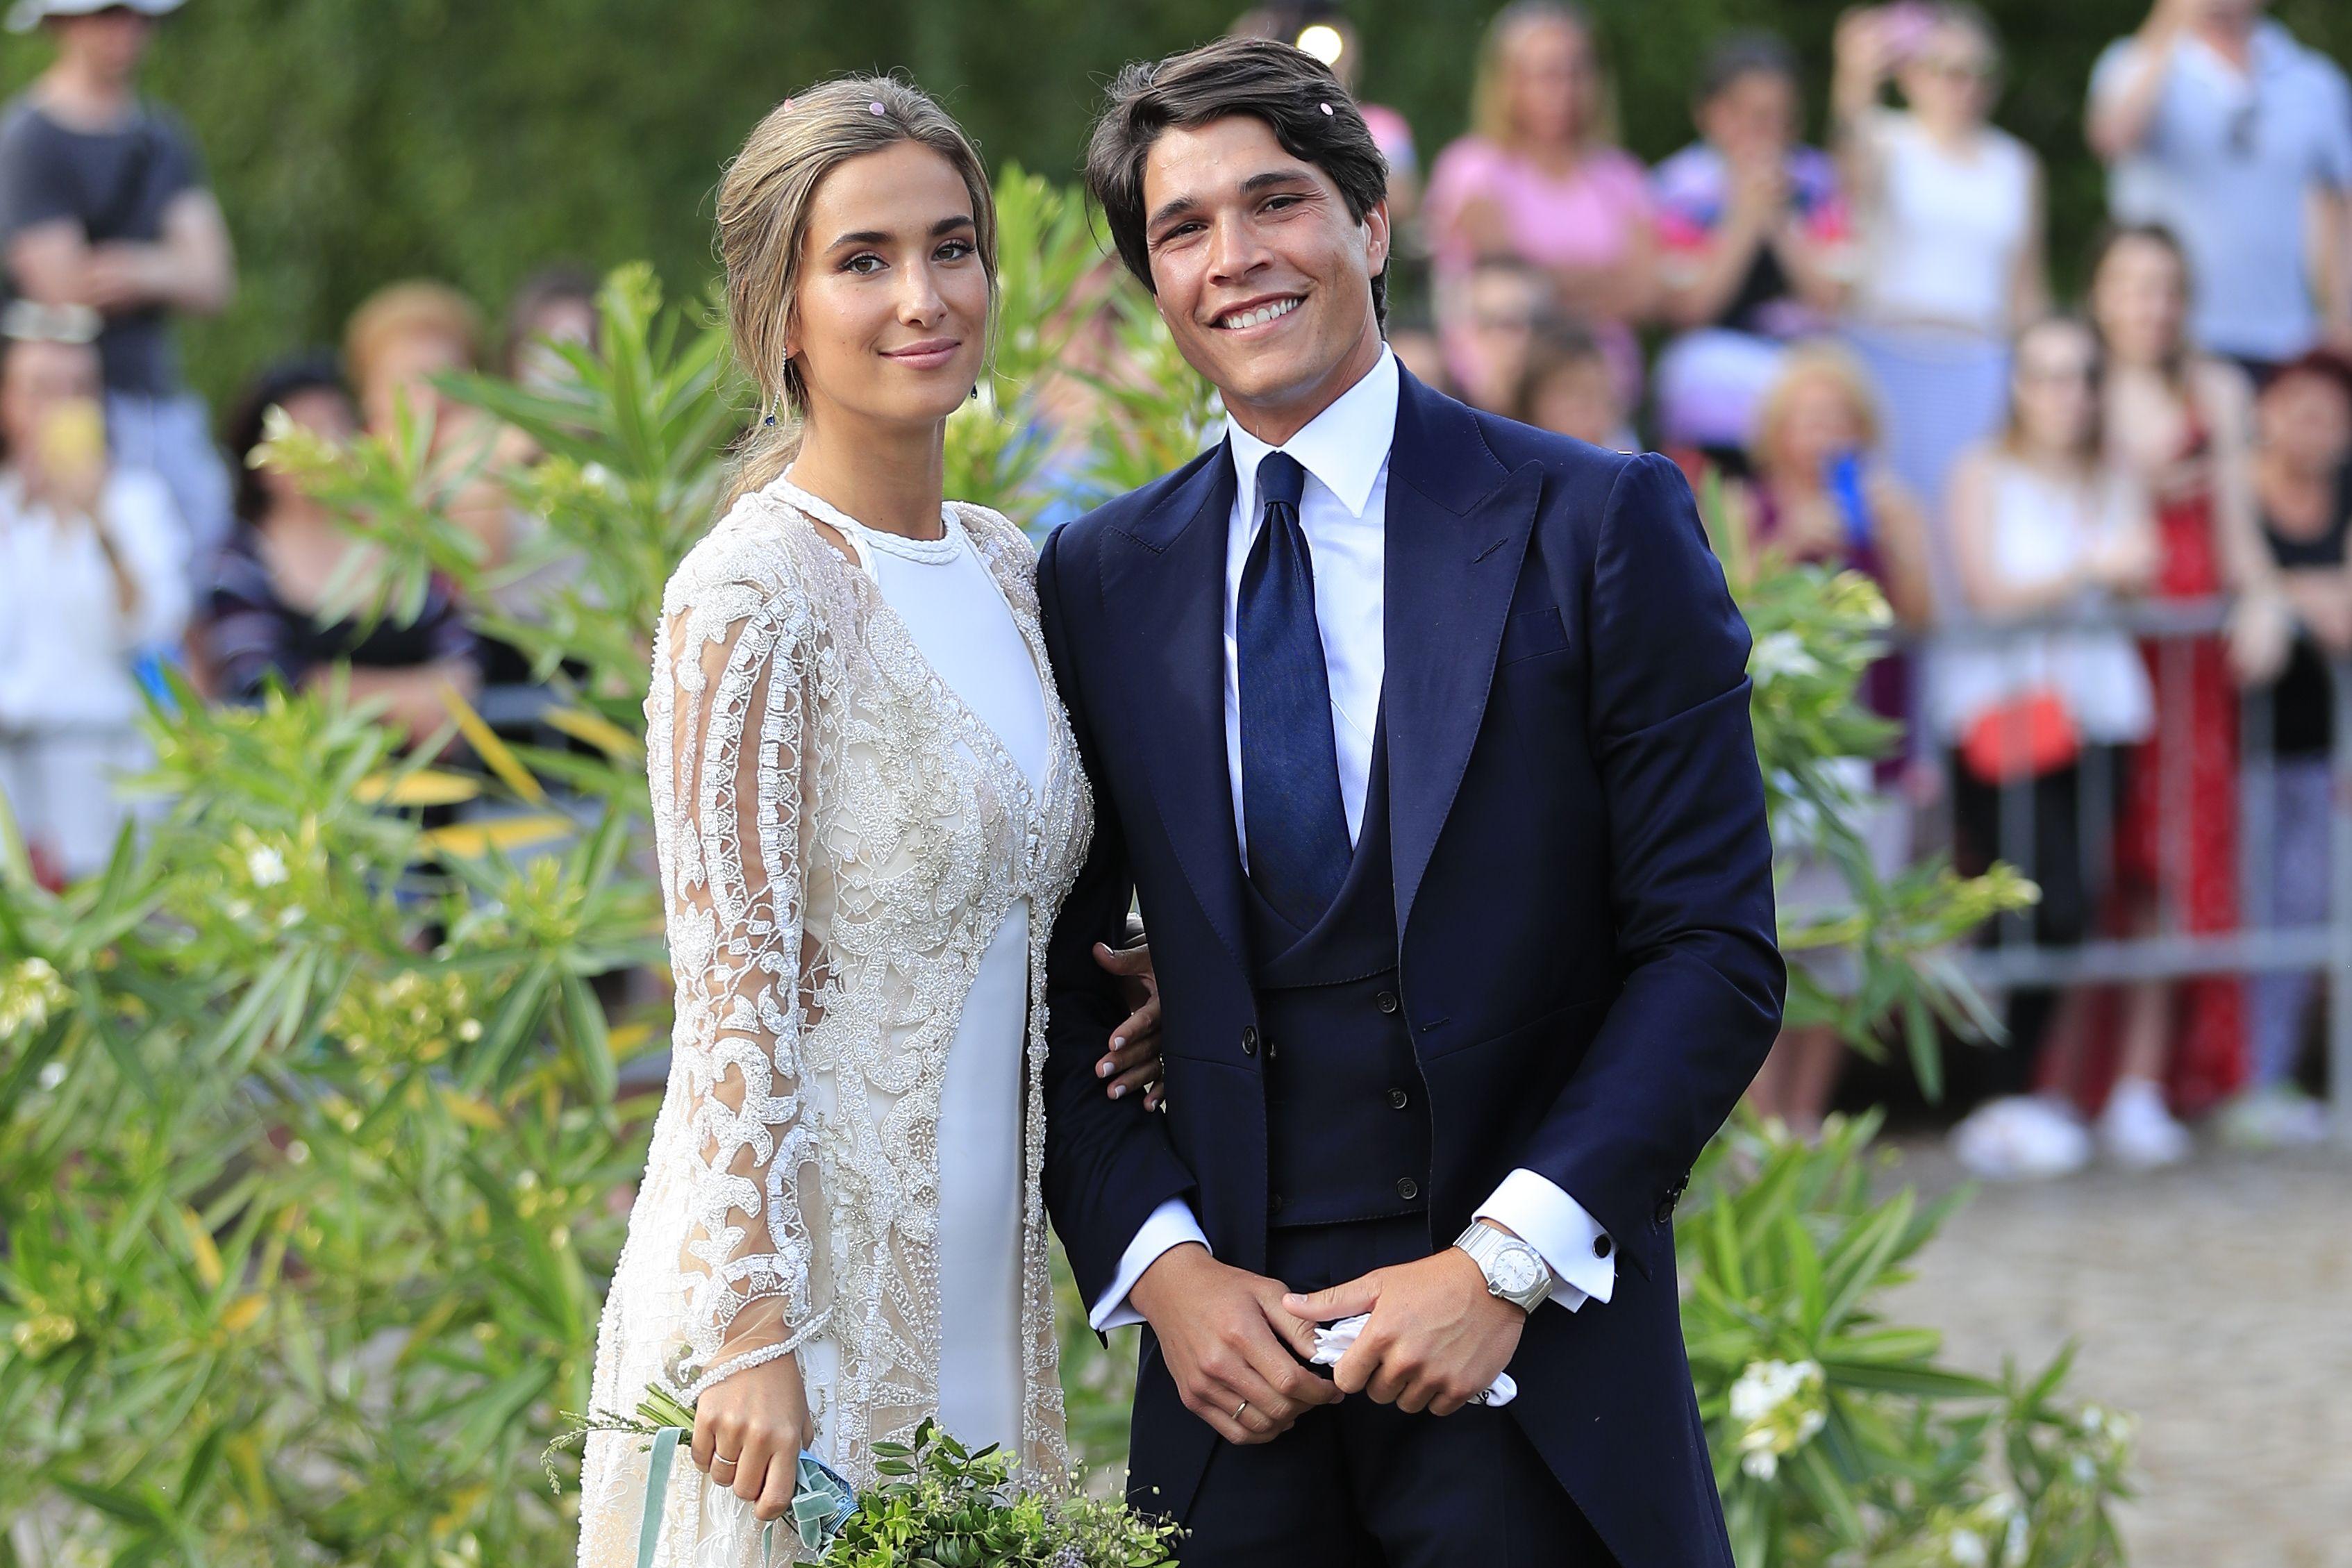 'Ctycn wedding': Así fue el segundo vestido de María Pombo y la fiesta nupcial